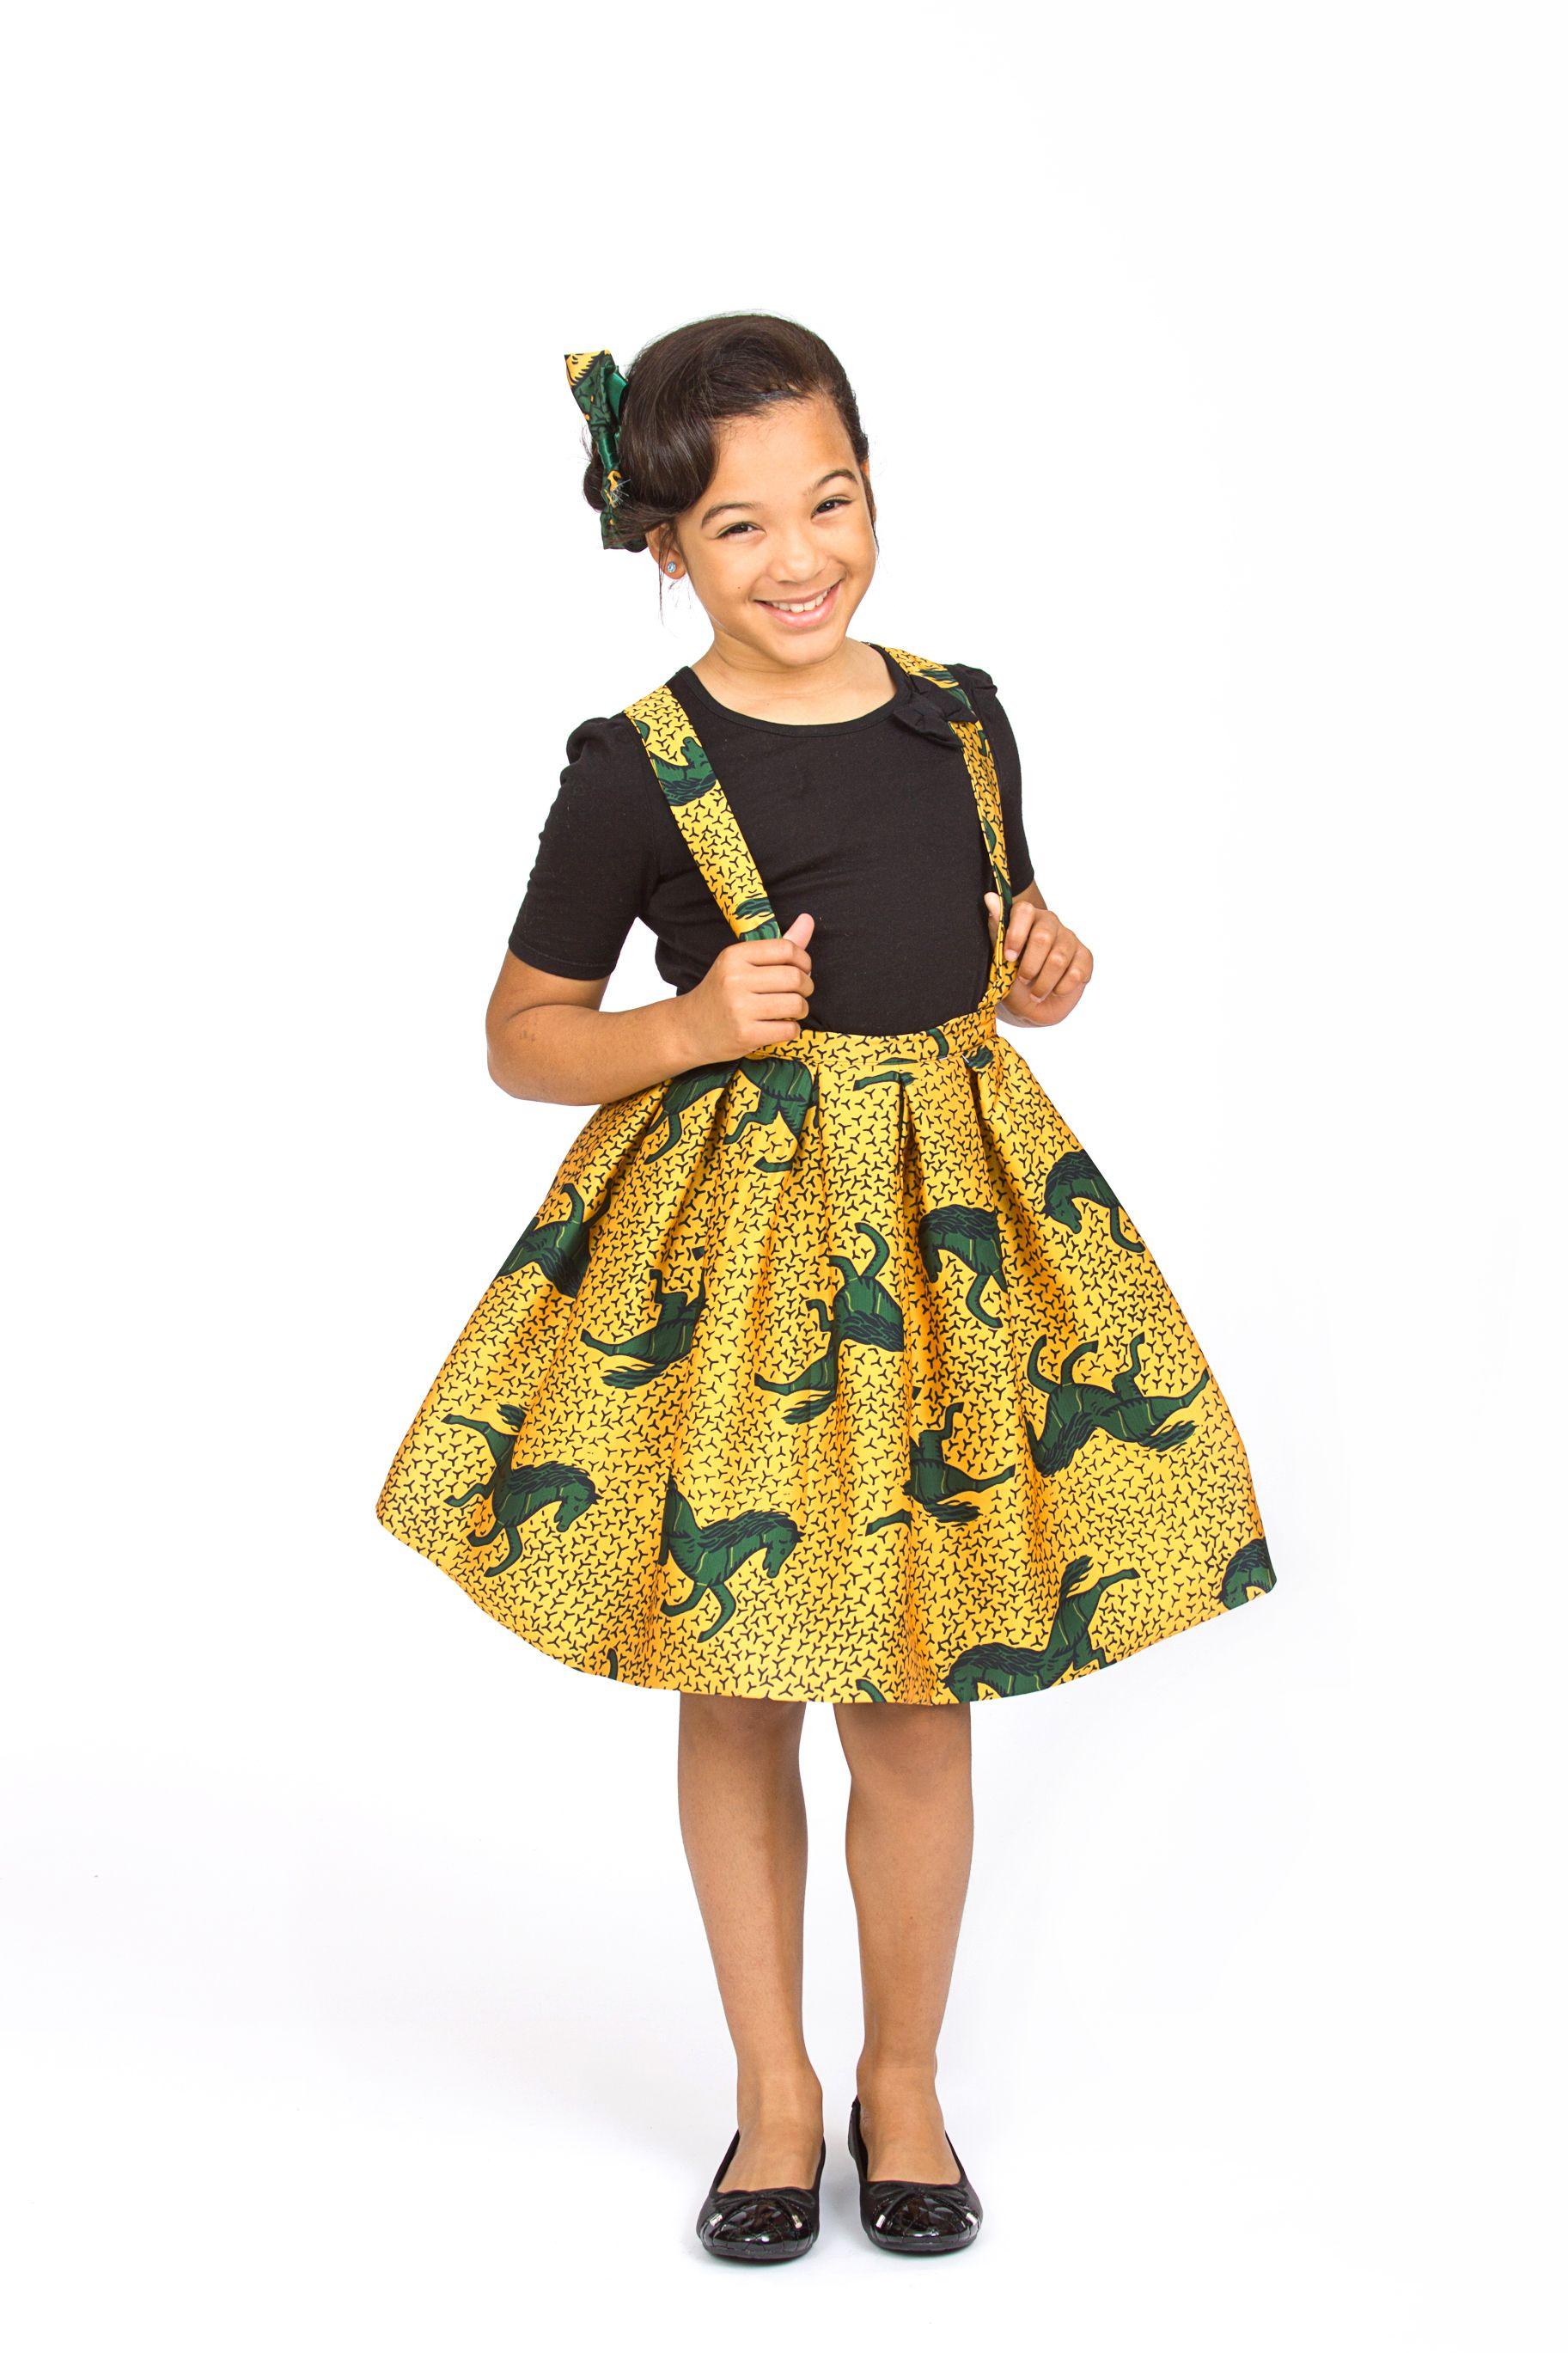 cc59f8c1b771 Green Pony Ankara Silk (Suspender & Box Pleat) Skirt, $49.99 ...